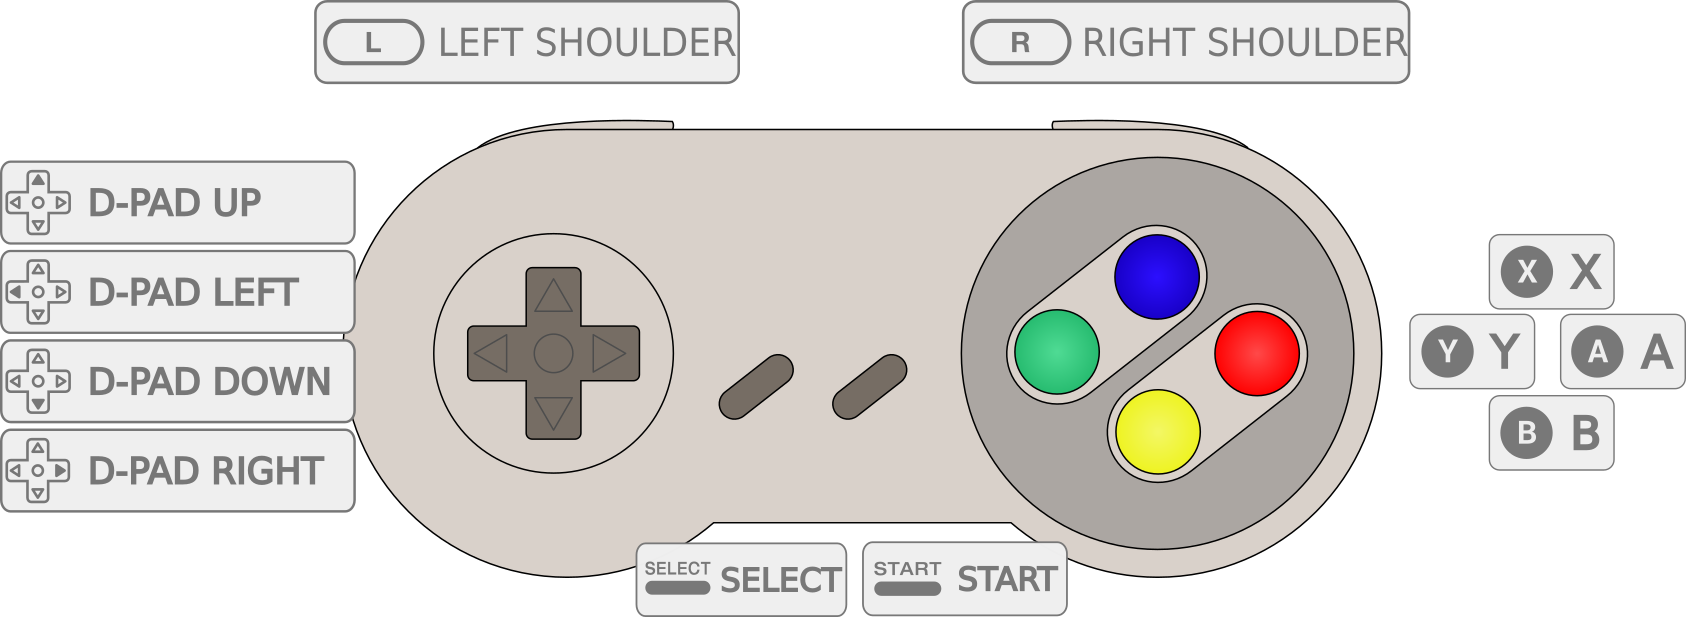 Snes_controller